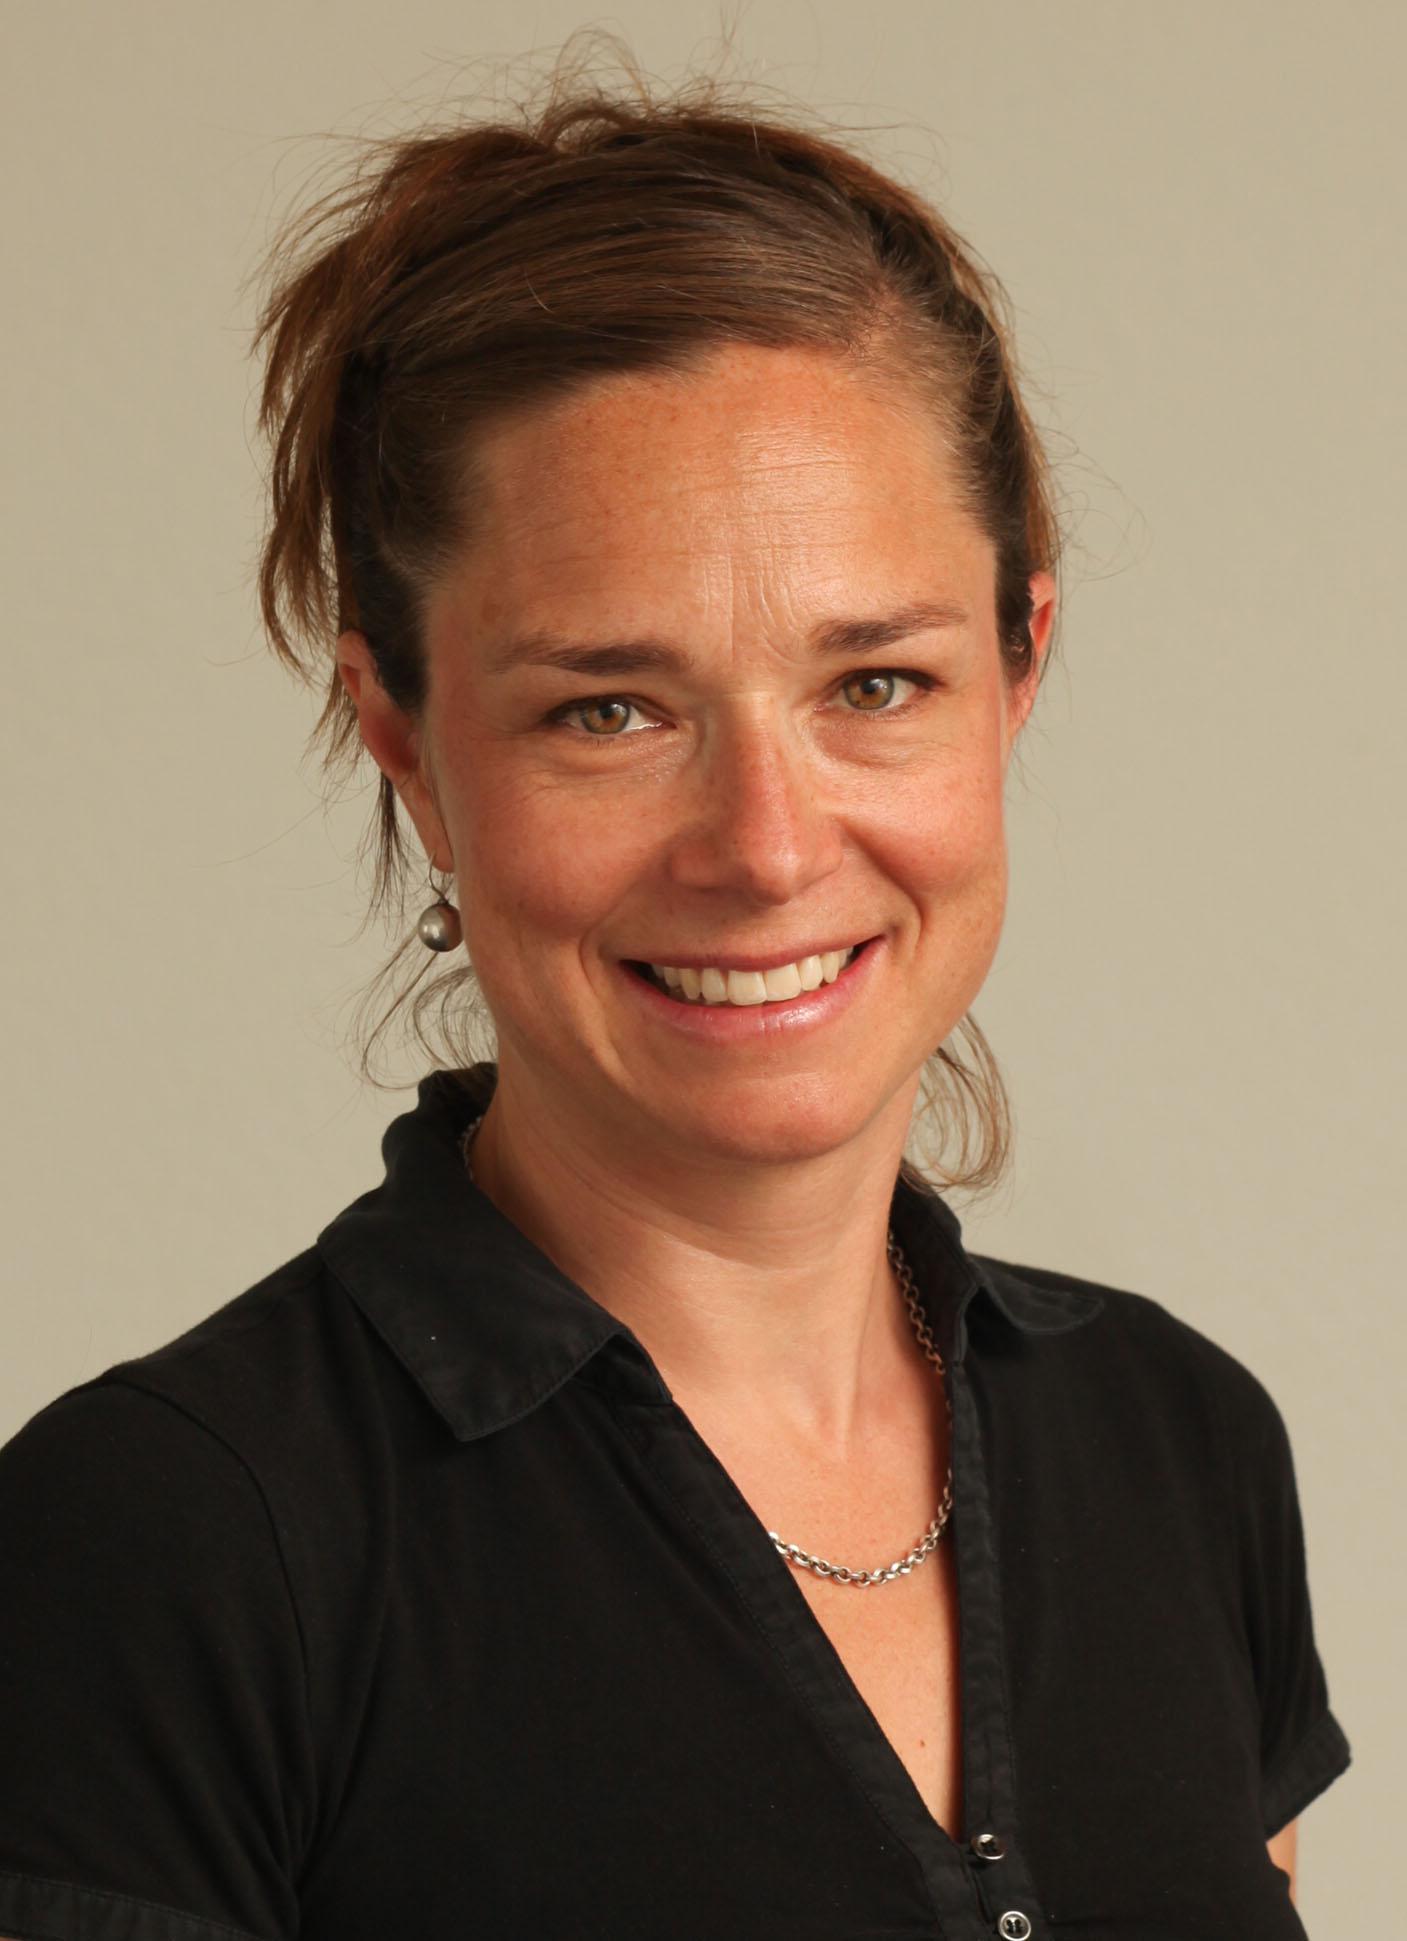 Sabine von Stockar